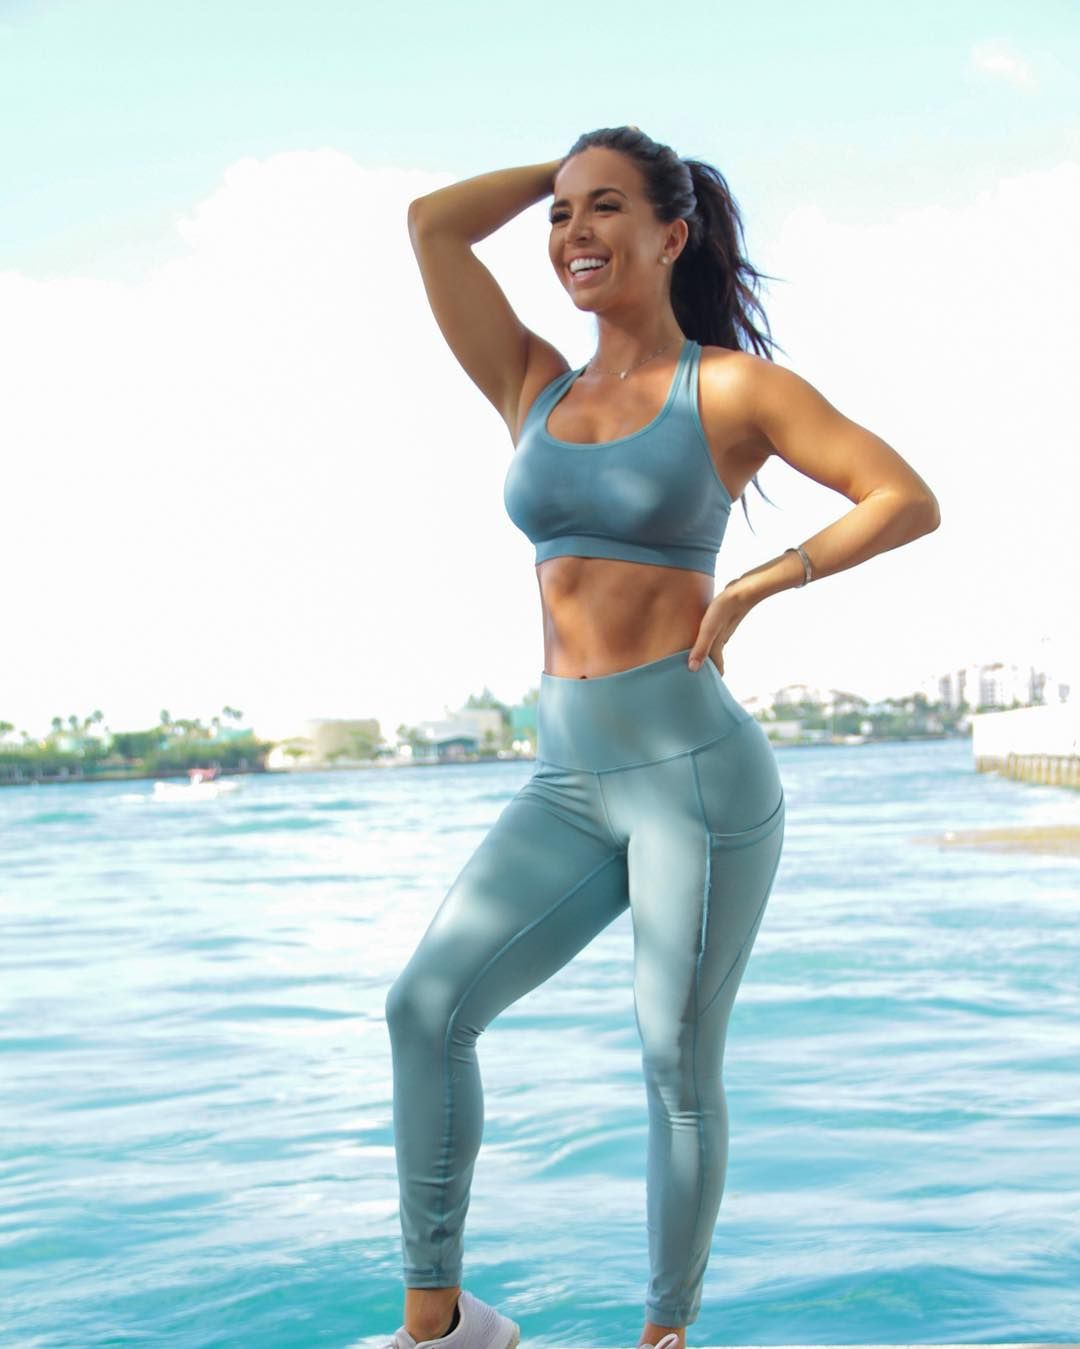 DEBATE sobre belleza, guapura y hermosura (fotos de chicas latinas, mestizas, y de todo) - VOL II - Página 6 E5435c08d210583d04b751222d2c8fbb